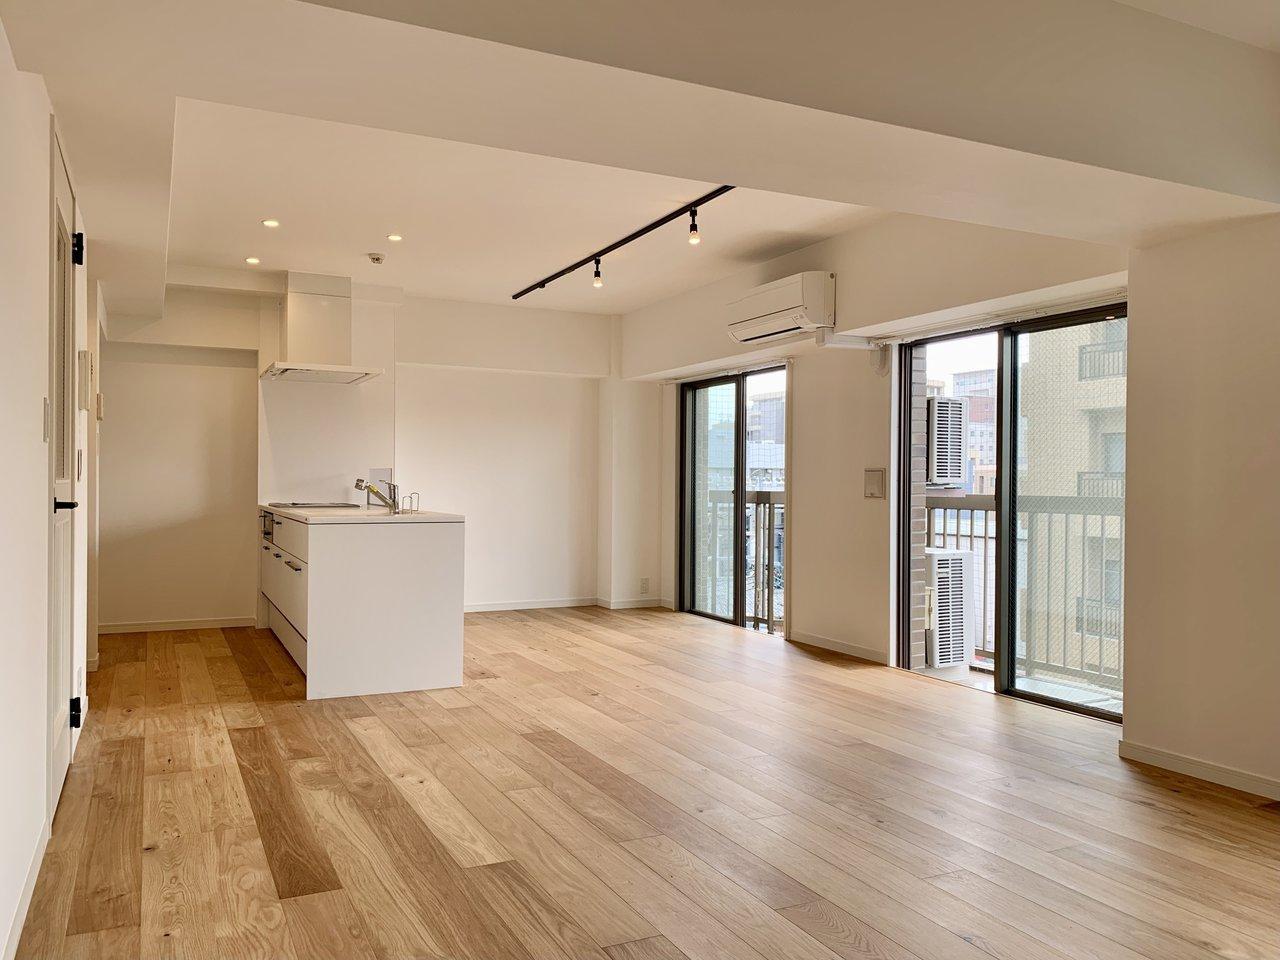 窓が多くて明るい!リノベーションによって約20.6帖に生まれ変わりました。家具の配置がしやすい造りになっています。